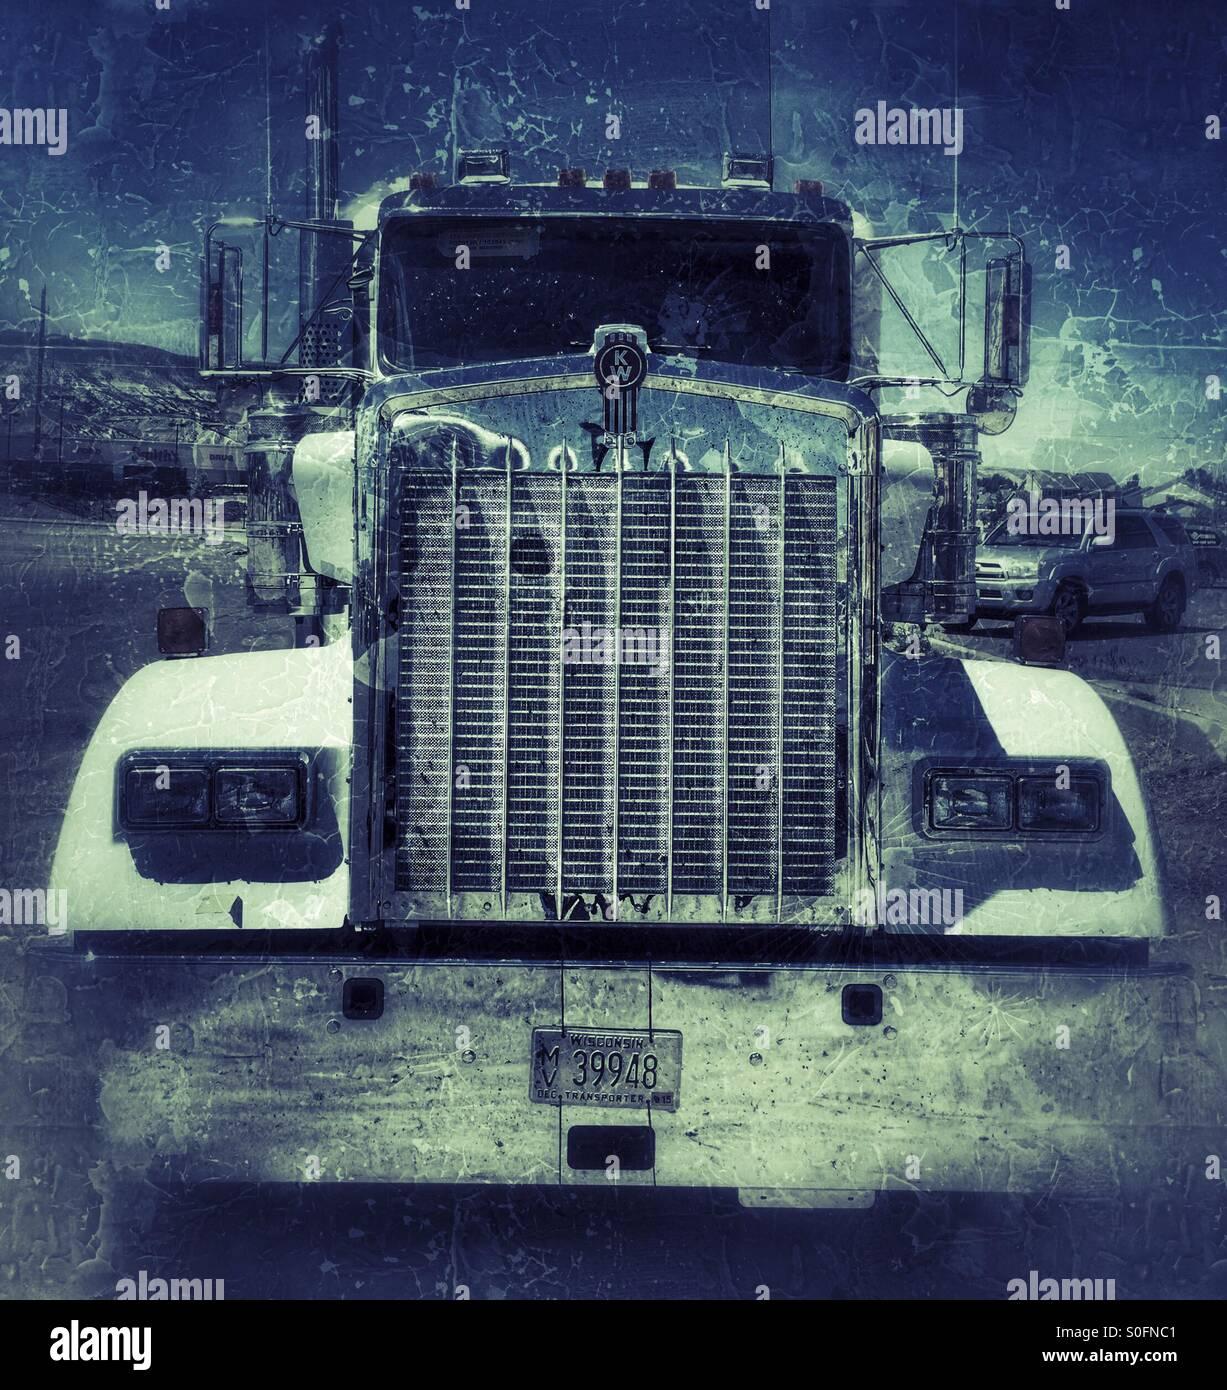 Kenworth diesel truck - Stock Image